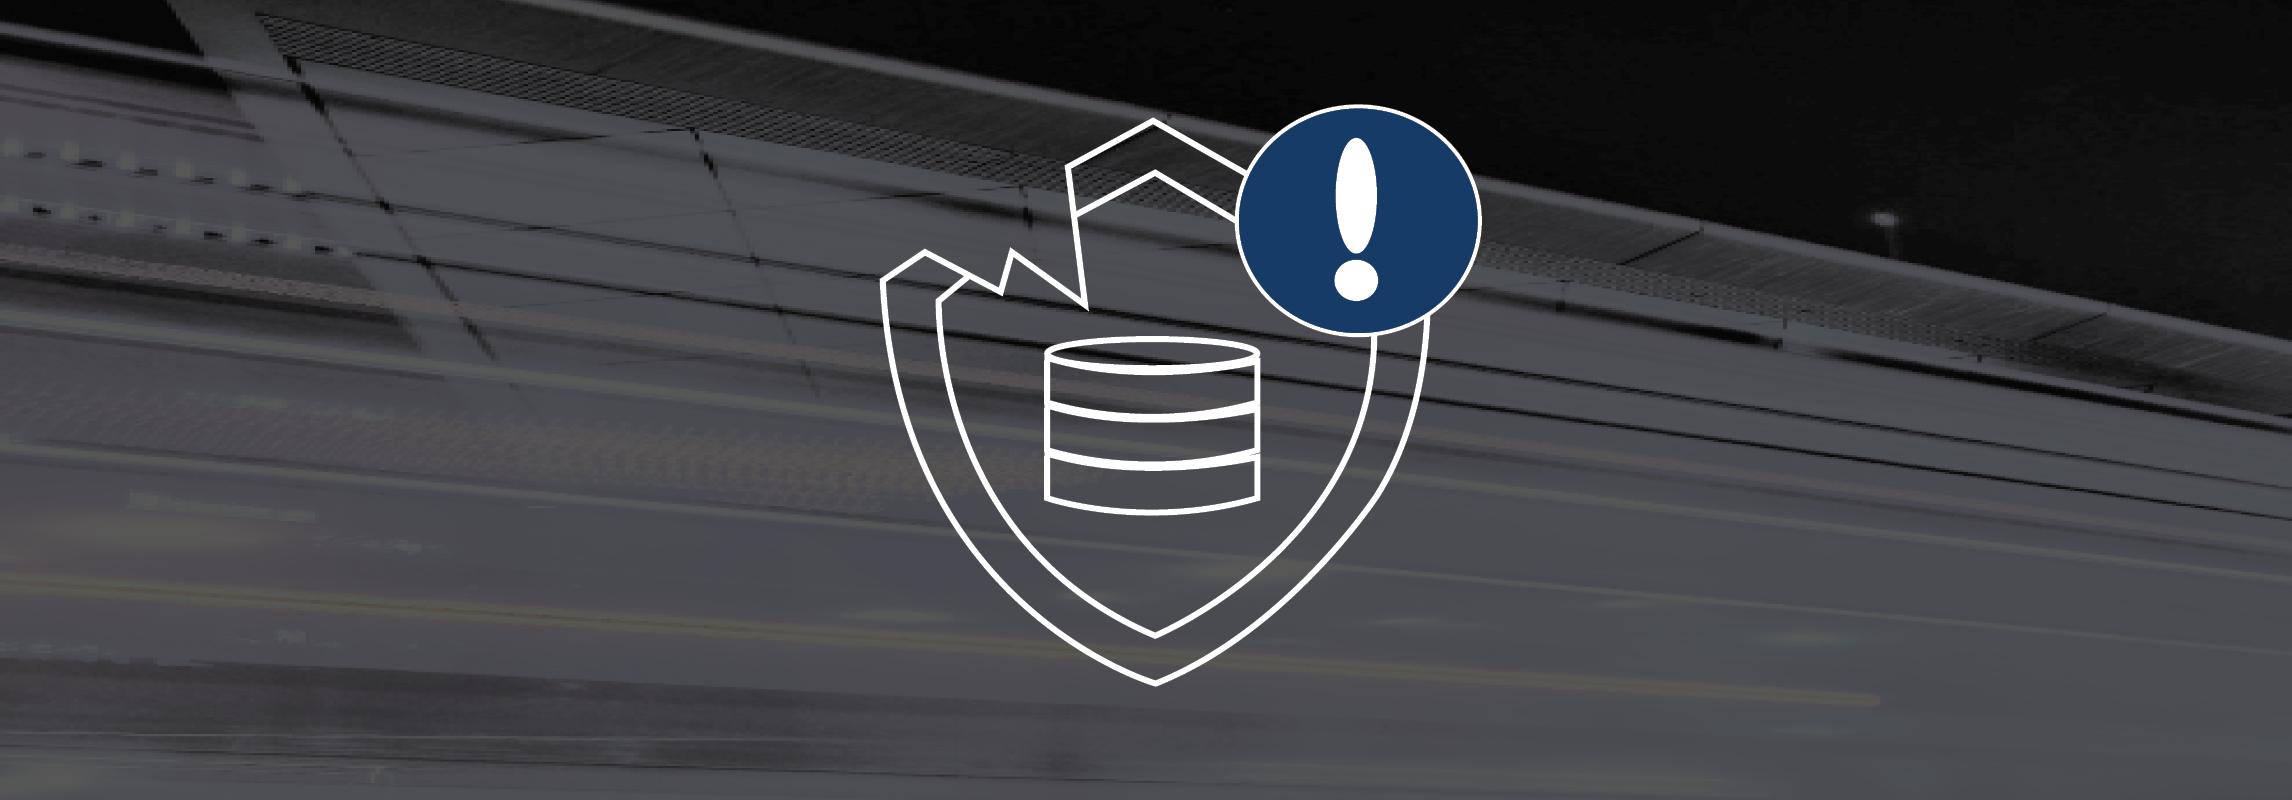 Lichtstreifen mit Icon eines beschädigten Servers im Vordergrund